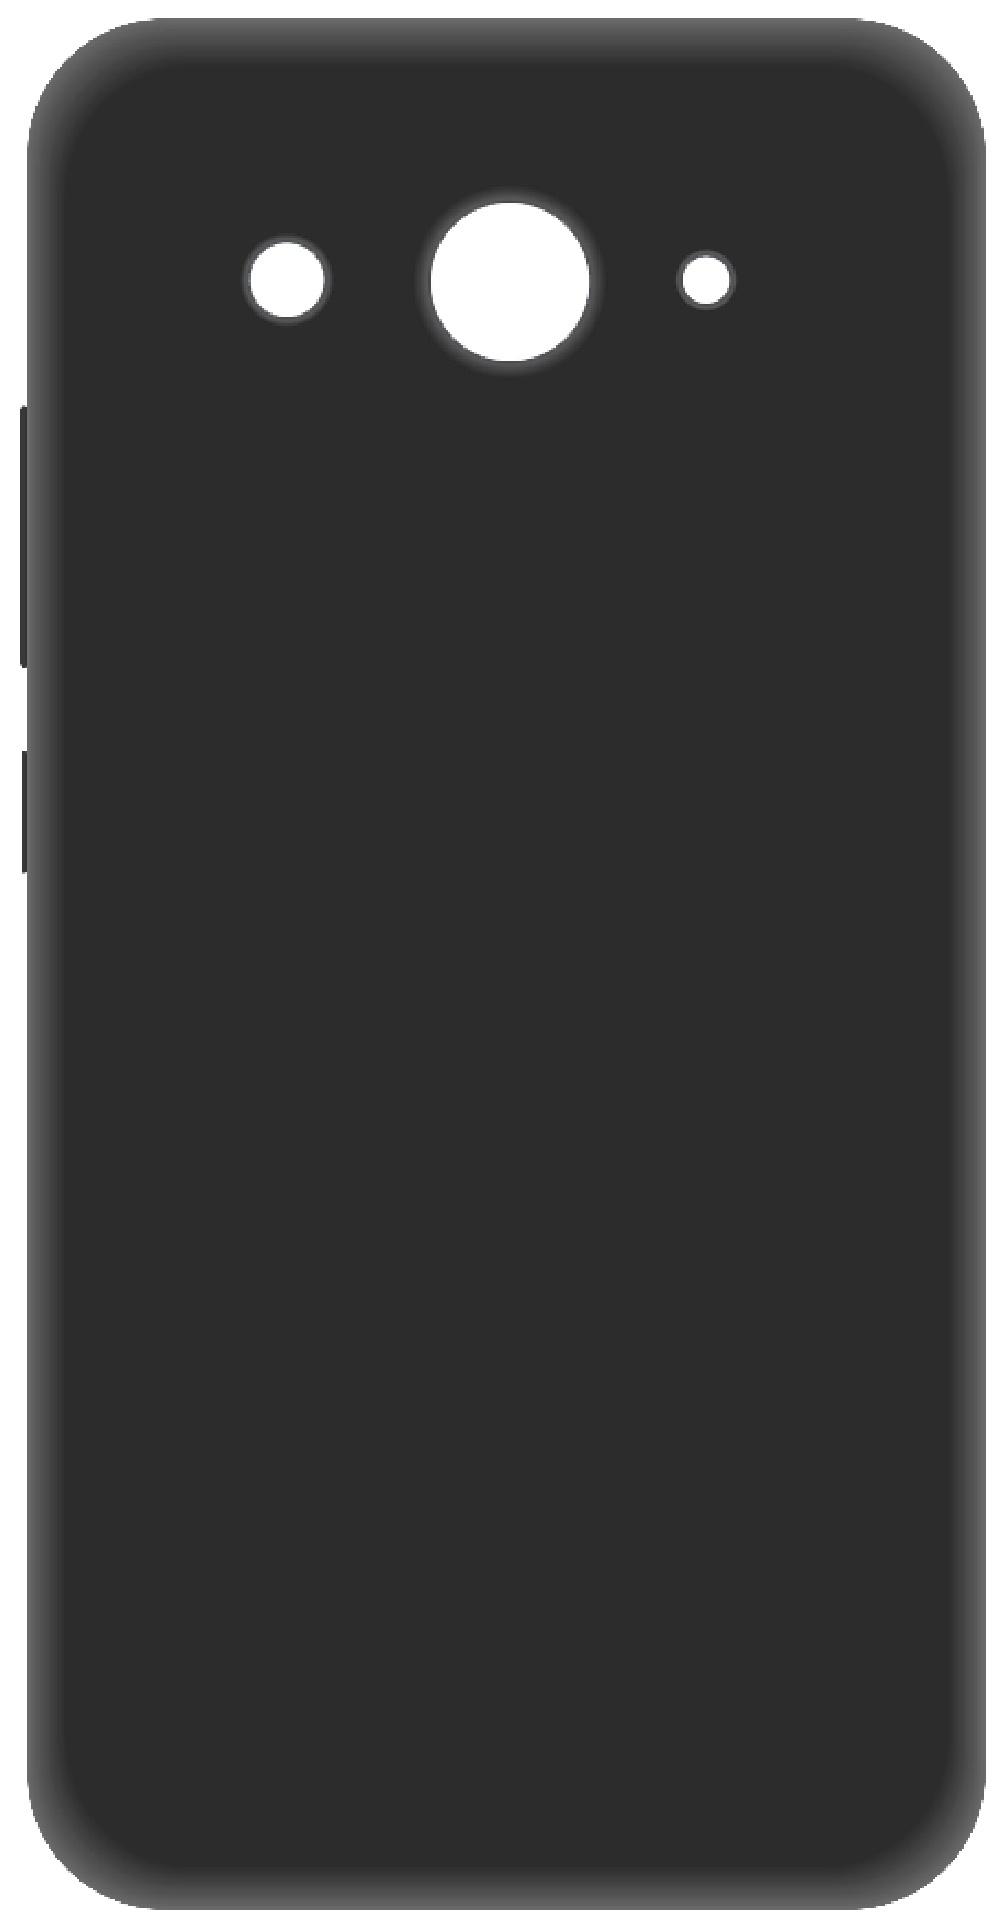 Чехол для сотового телефона Luxcase Galaxy J4, черный